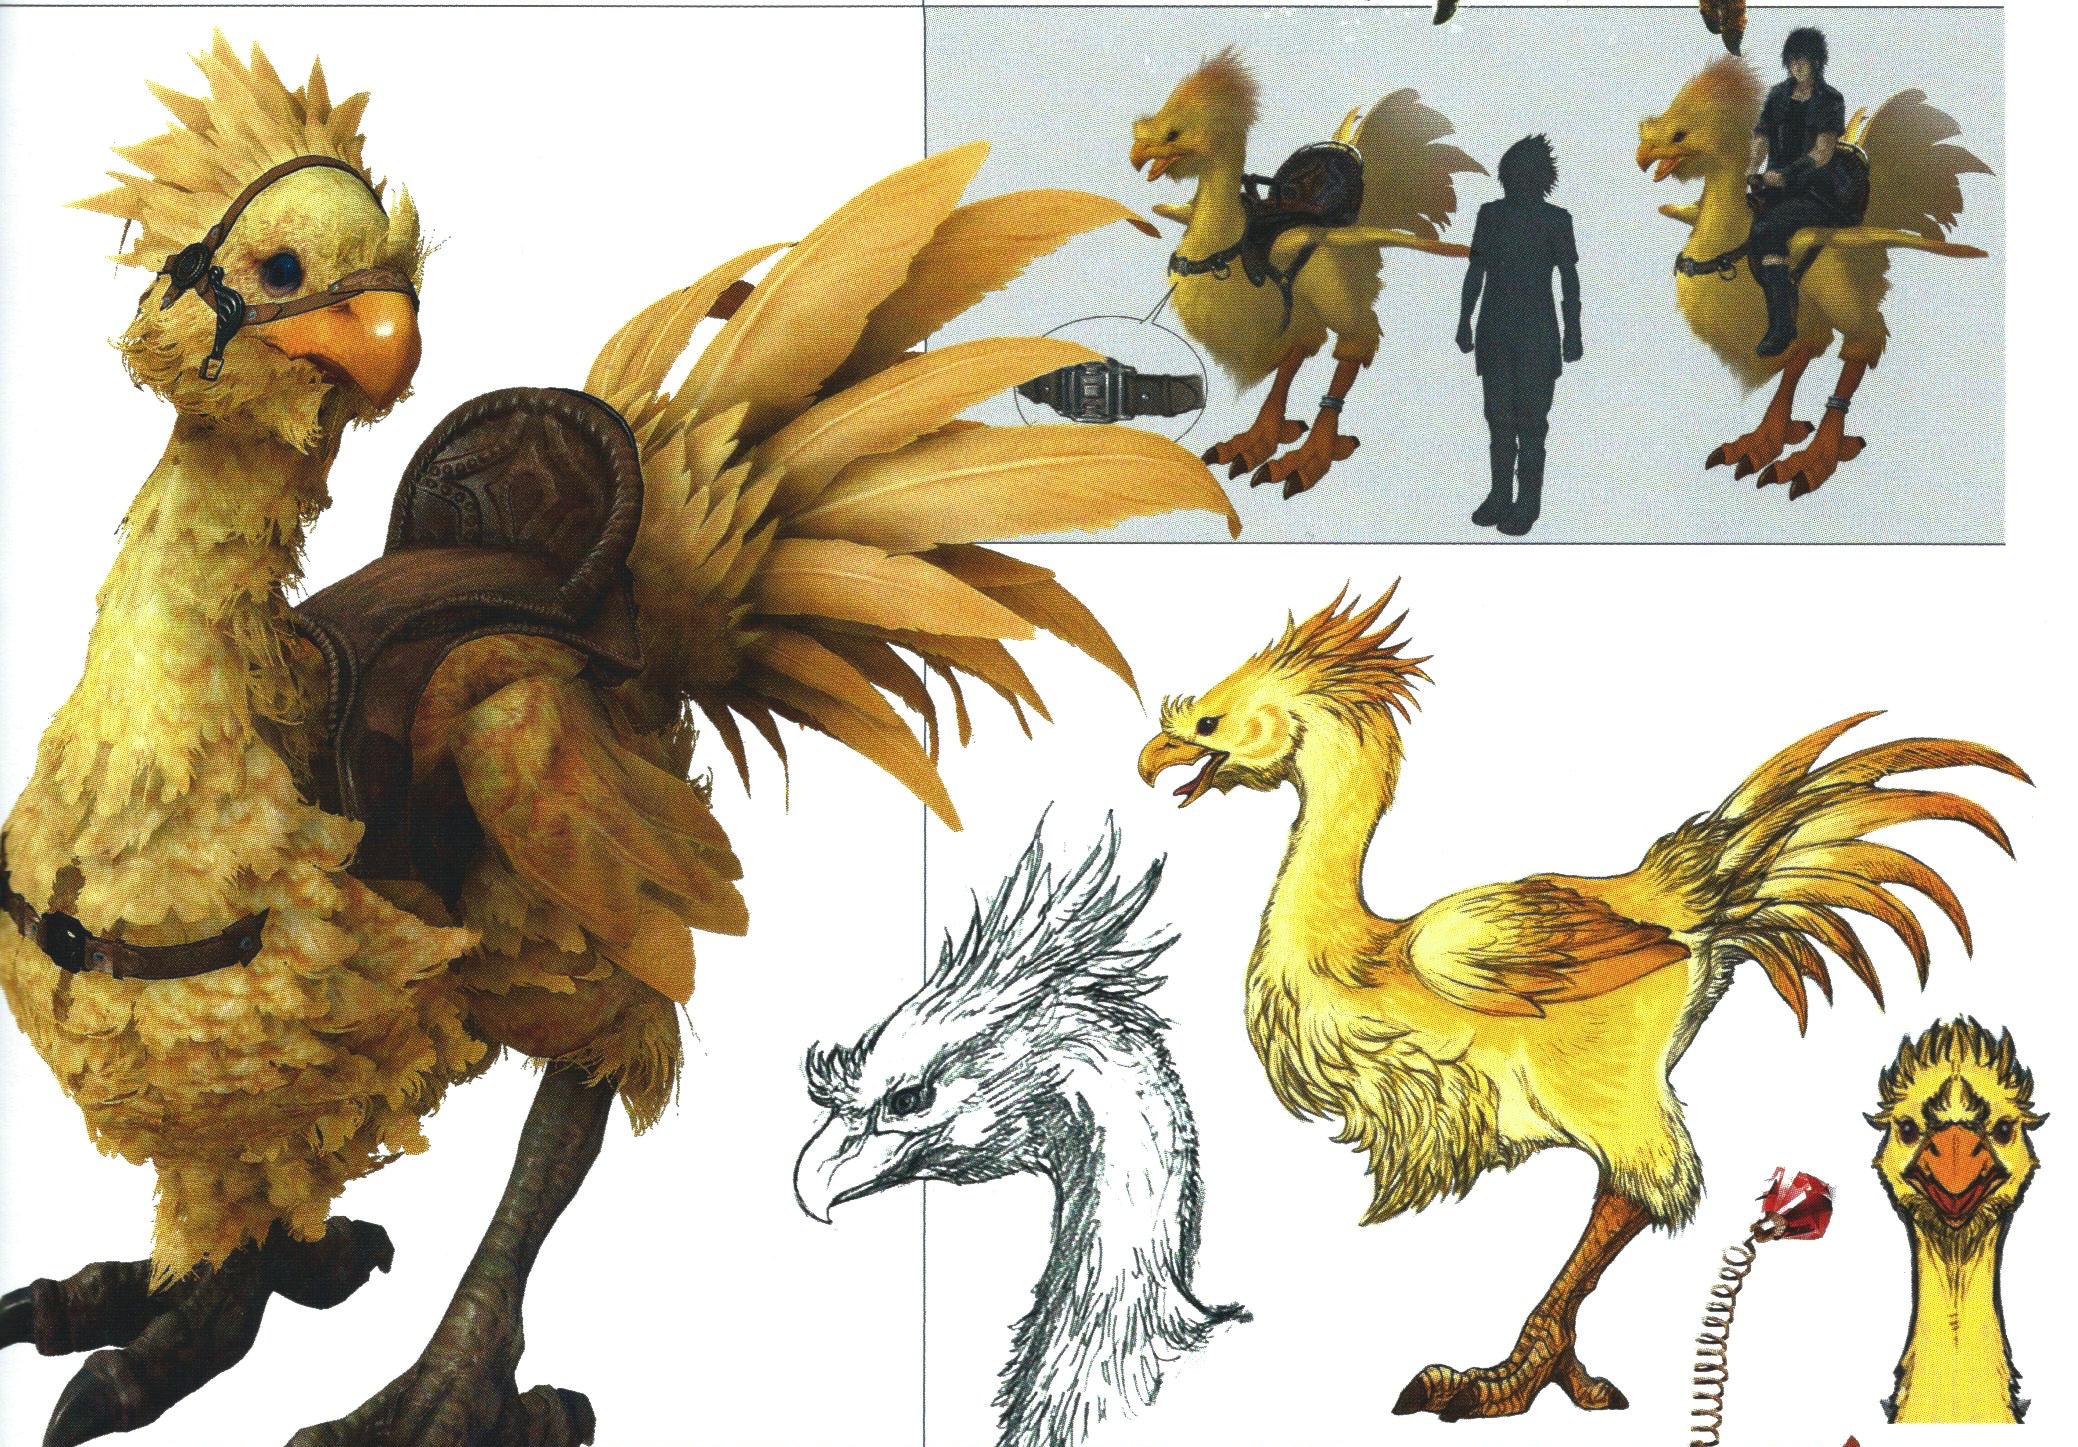 Chocobo (Final Fantasy XV)